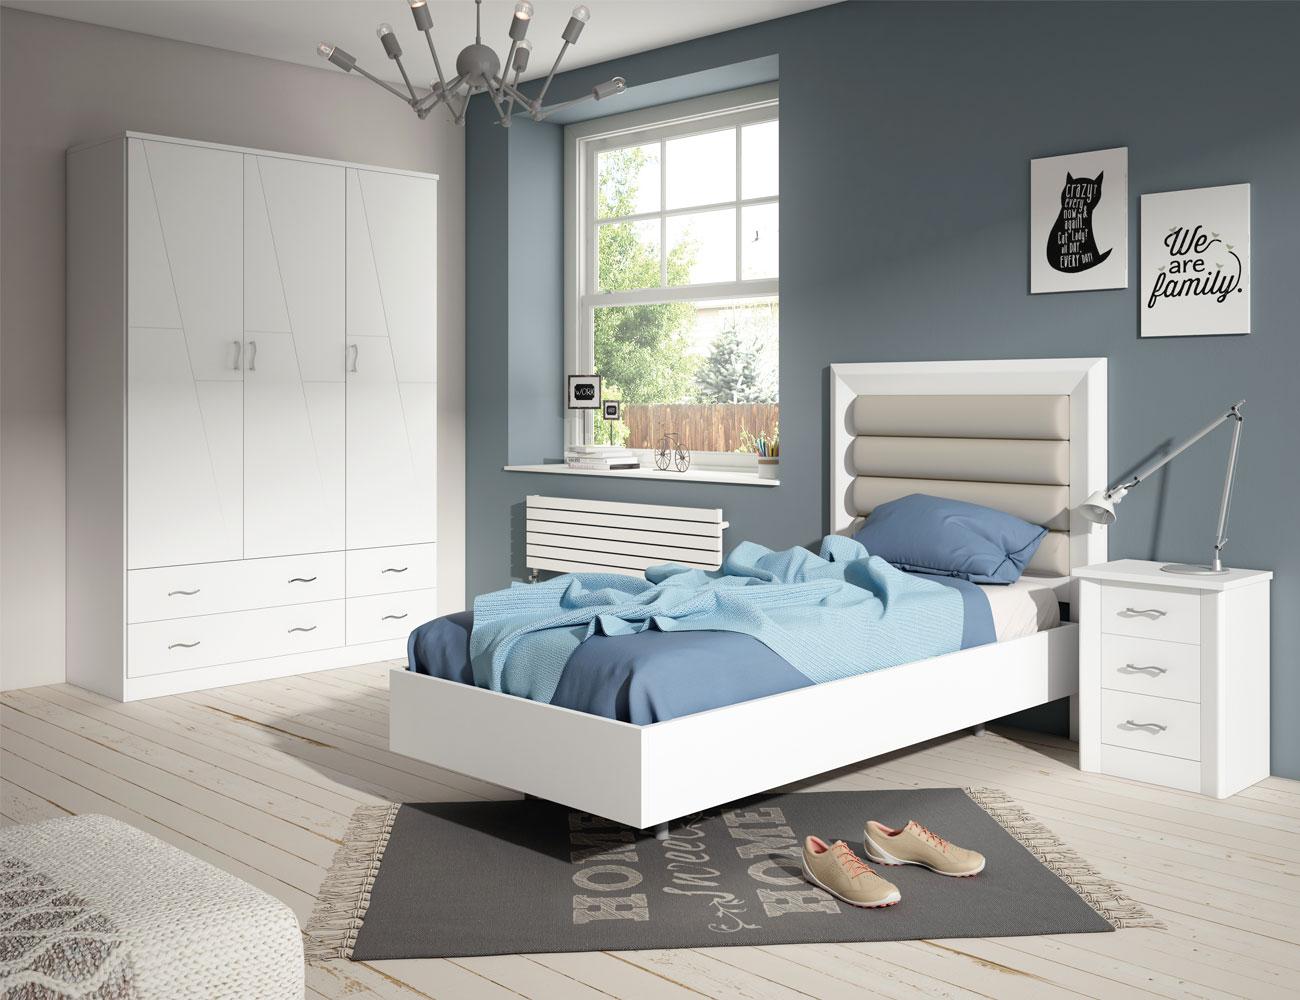 6 dormitorio juvenil cabecero tapizado madera blanco lacado2